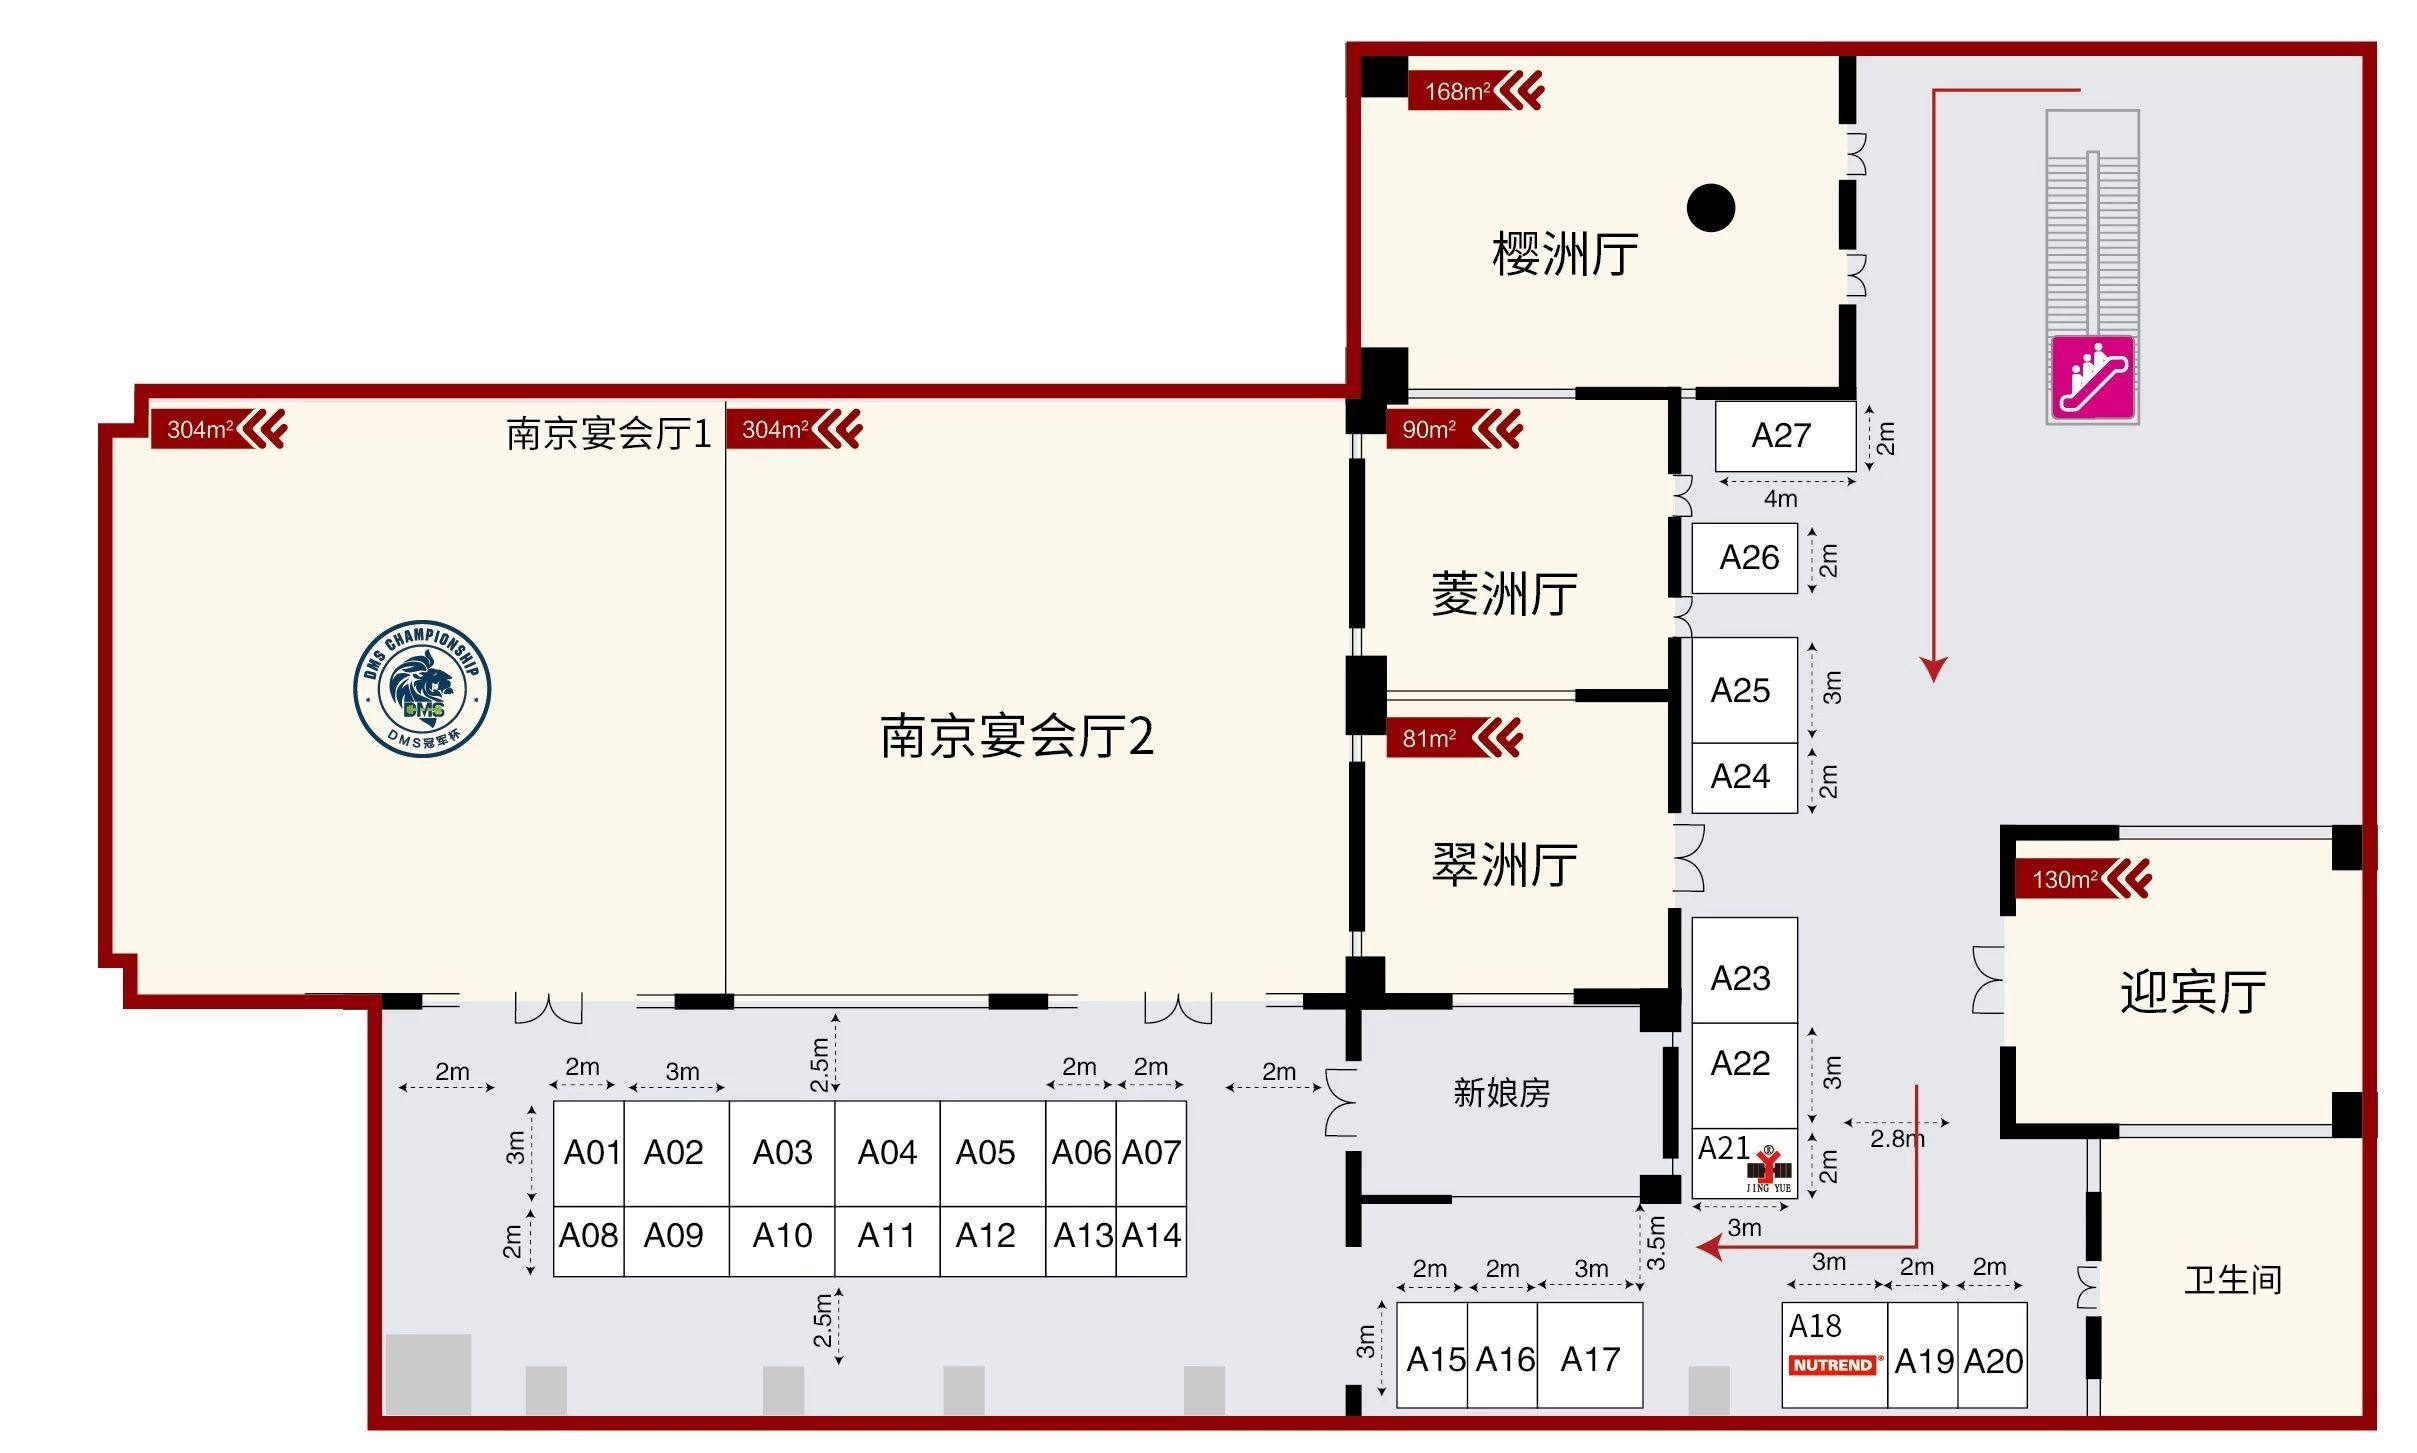 2019CHINAFIT南京体育与健身大会